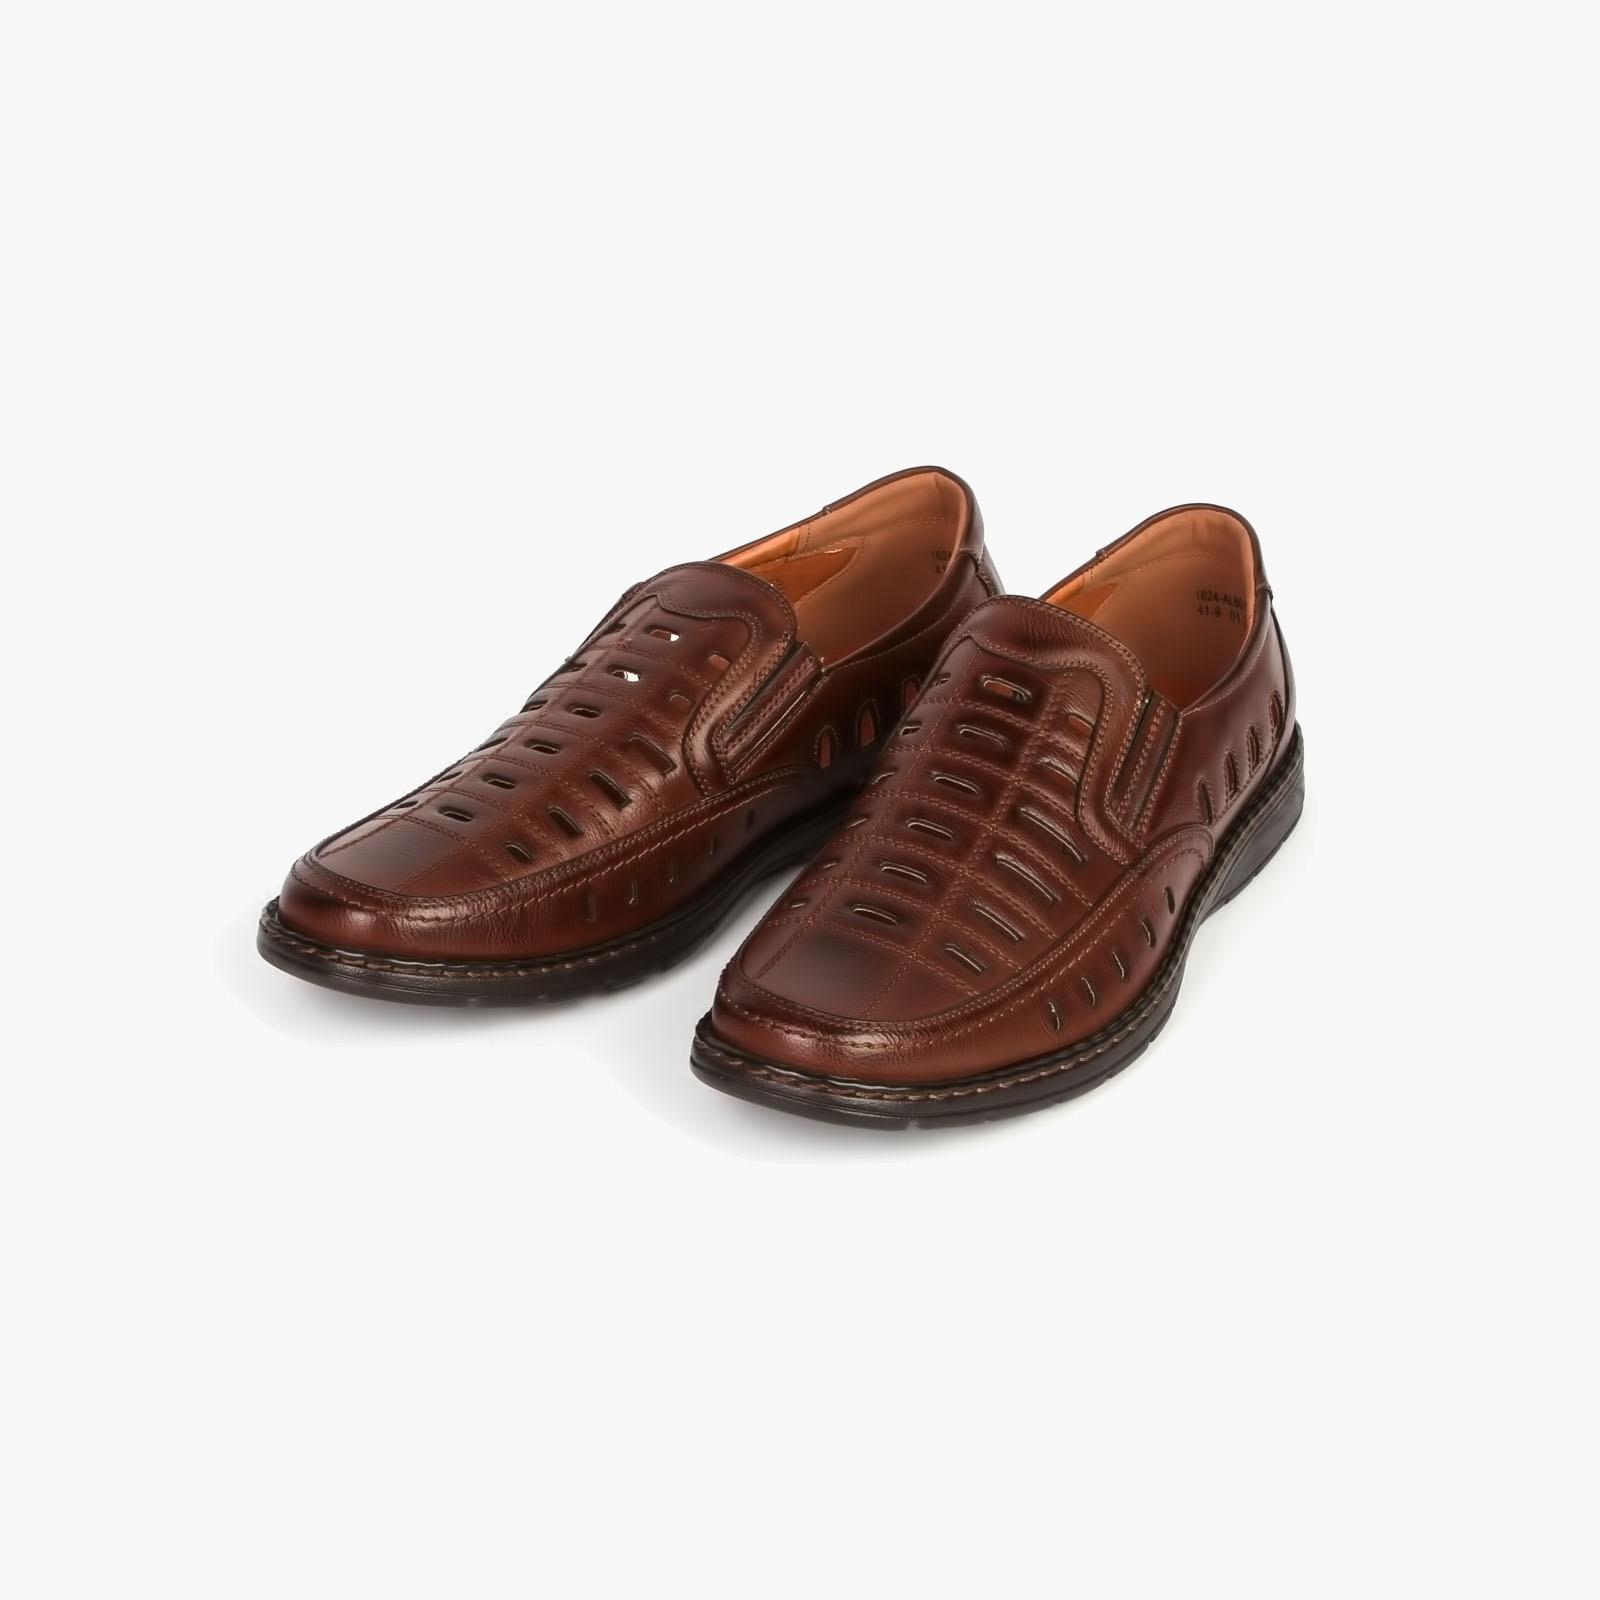 Туфли мужские декорированные сквозной перфорацией на удобной подошве